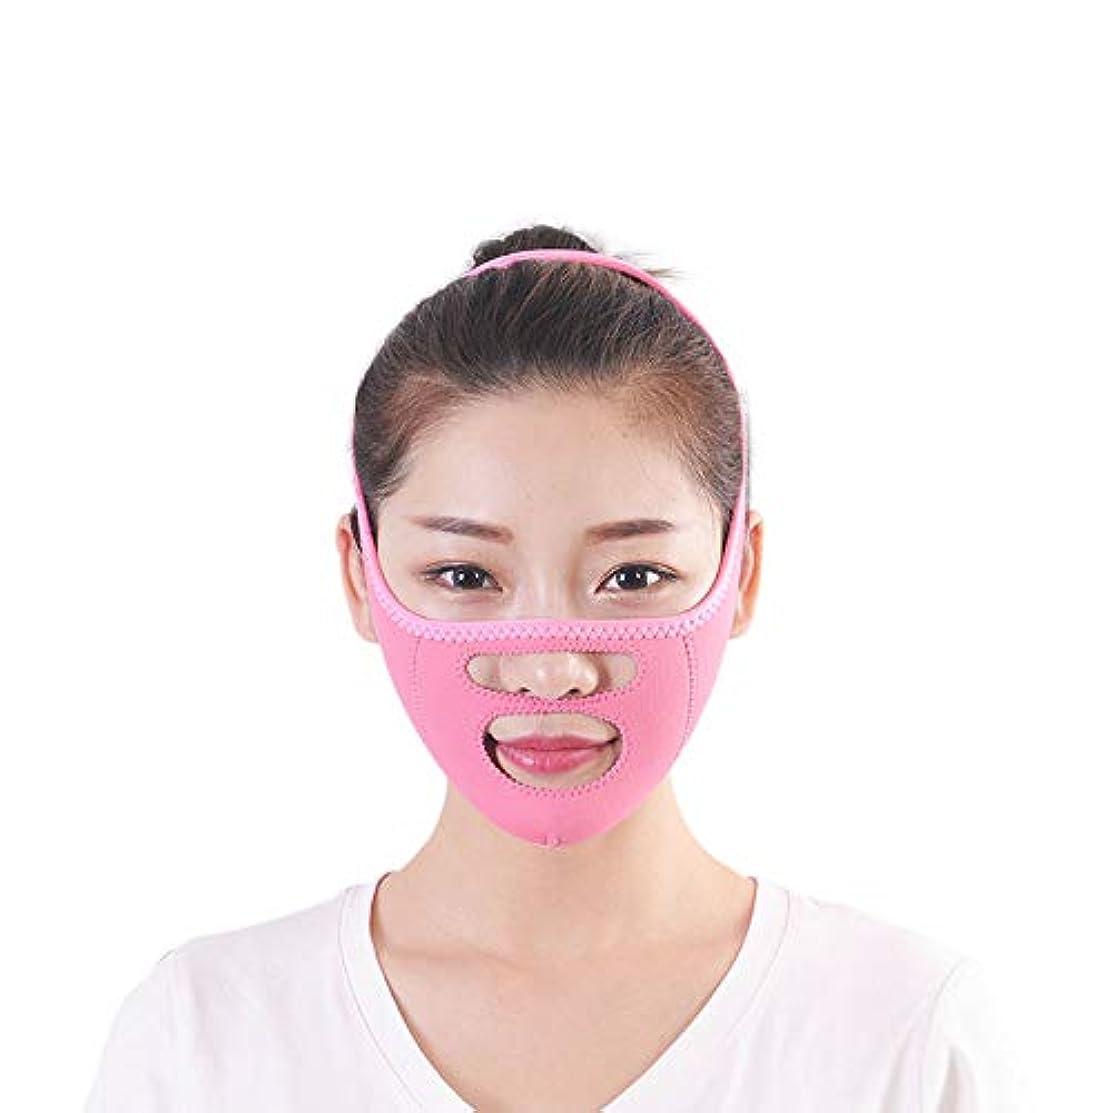 安定しました全く原稿二重あごの顔の減量の緩和を改善するためのフェイスリフティングアーチファクトマスク、ビームフェイス包帯/小型Vフェイスリフティングタイト補正,Blue